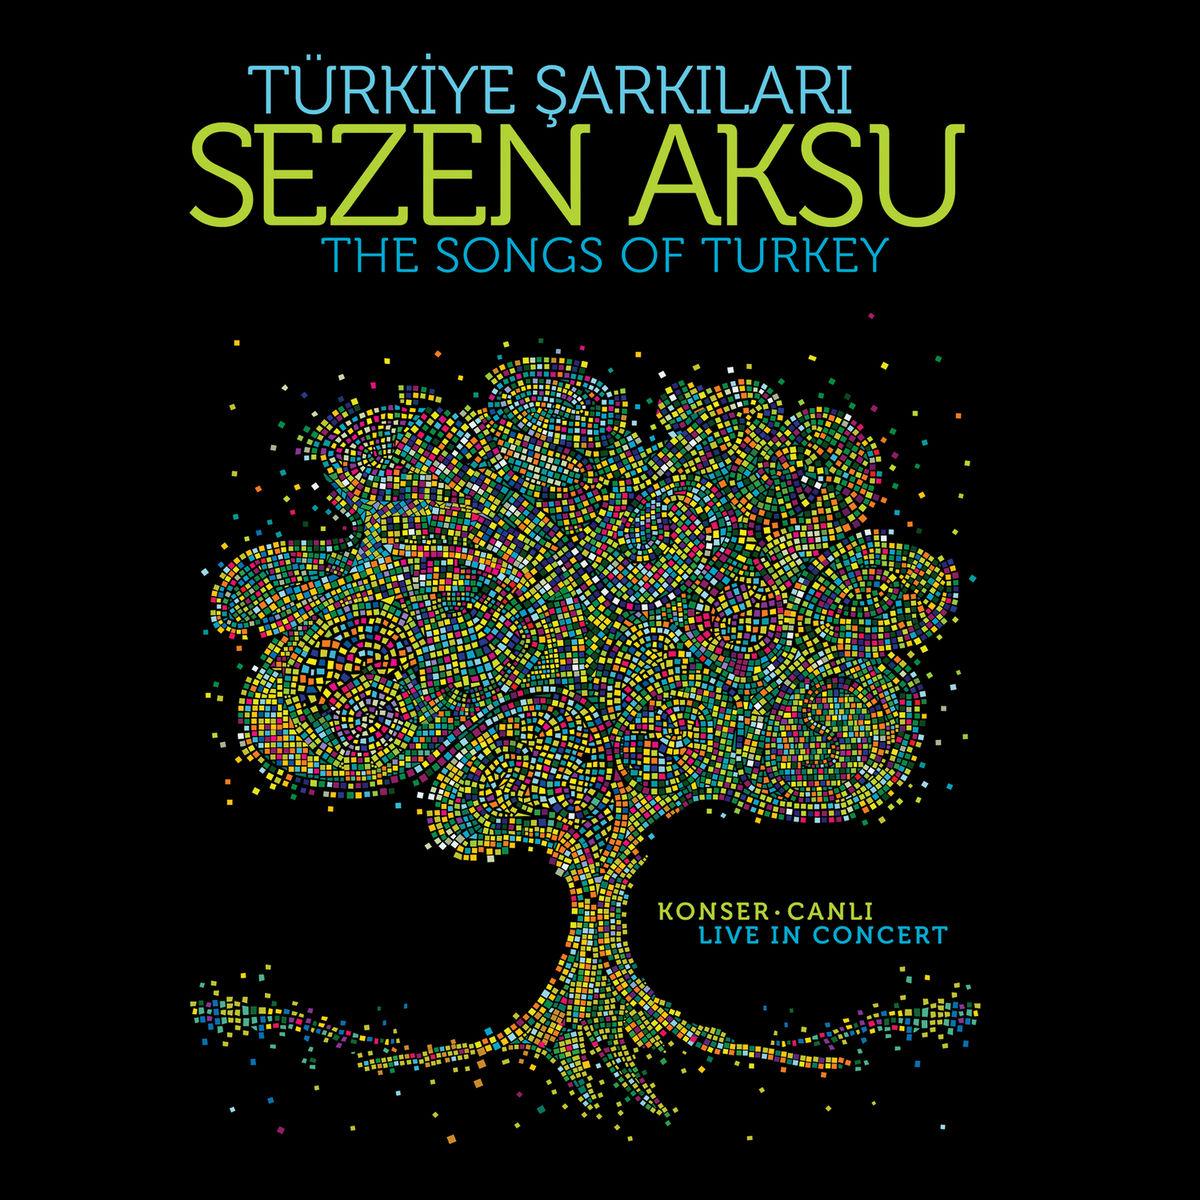 Sezen Aksu Yeni Türkiye Şarkıları (Canlı) Full Albüm İndir